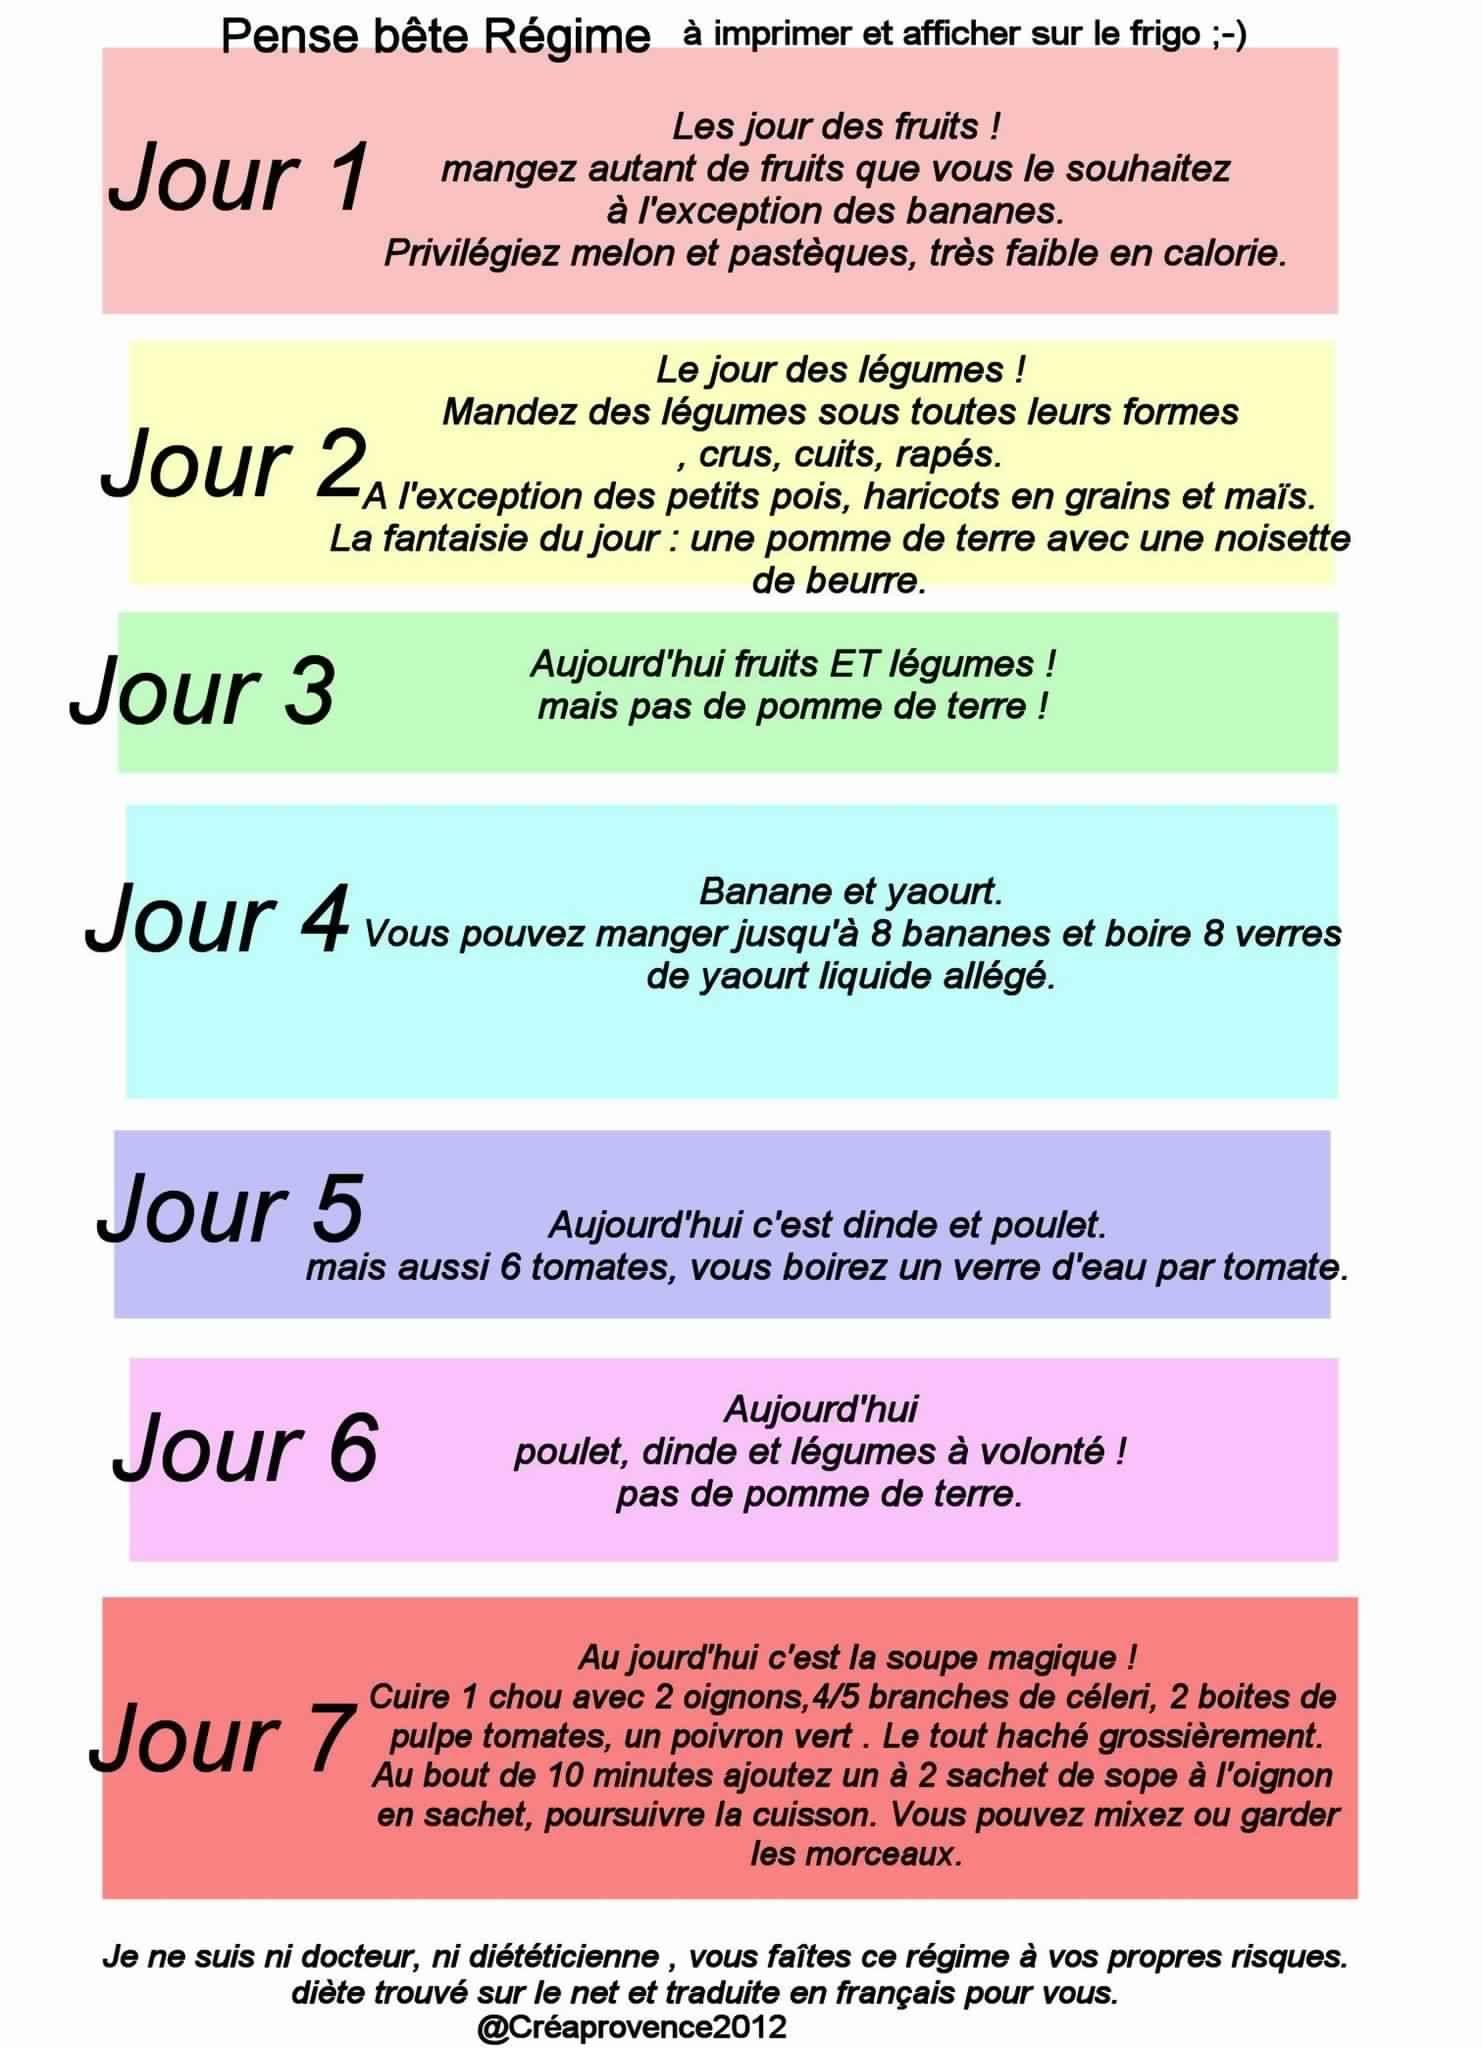 @ExempleDe.fr